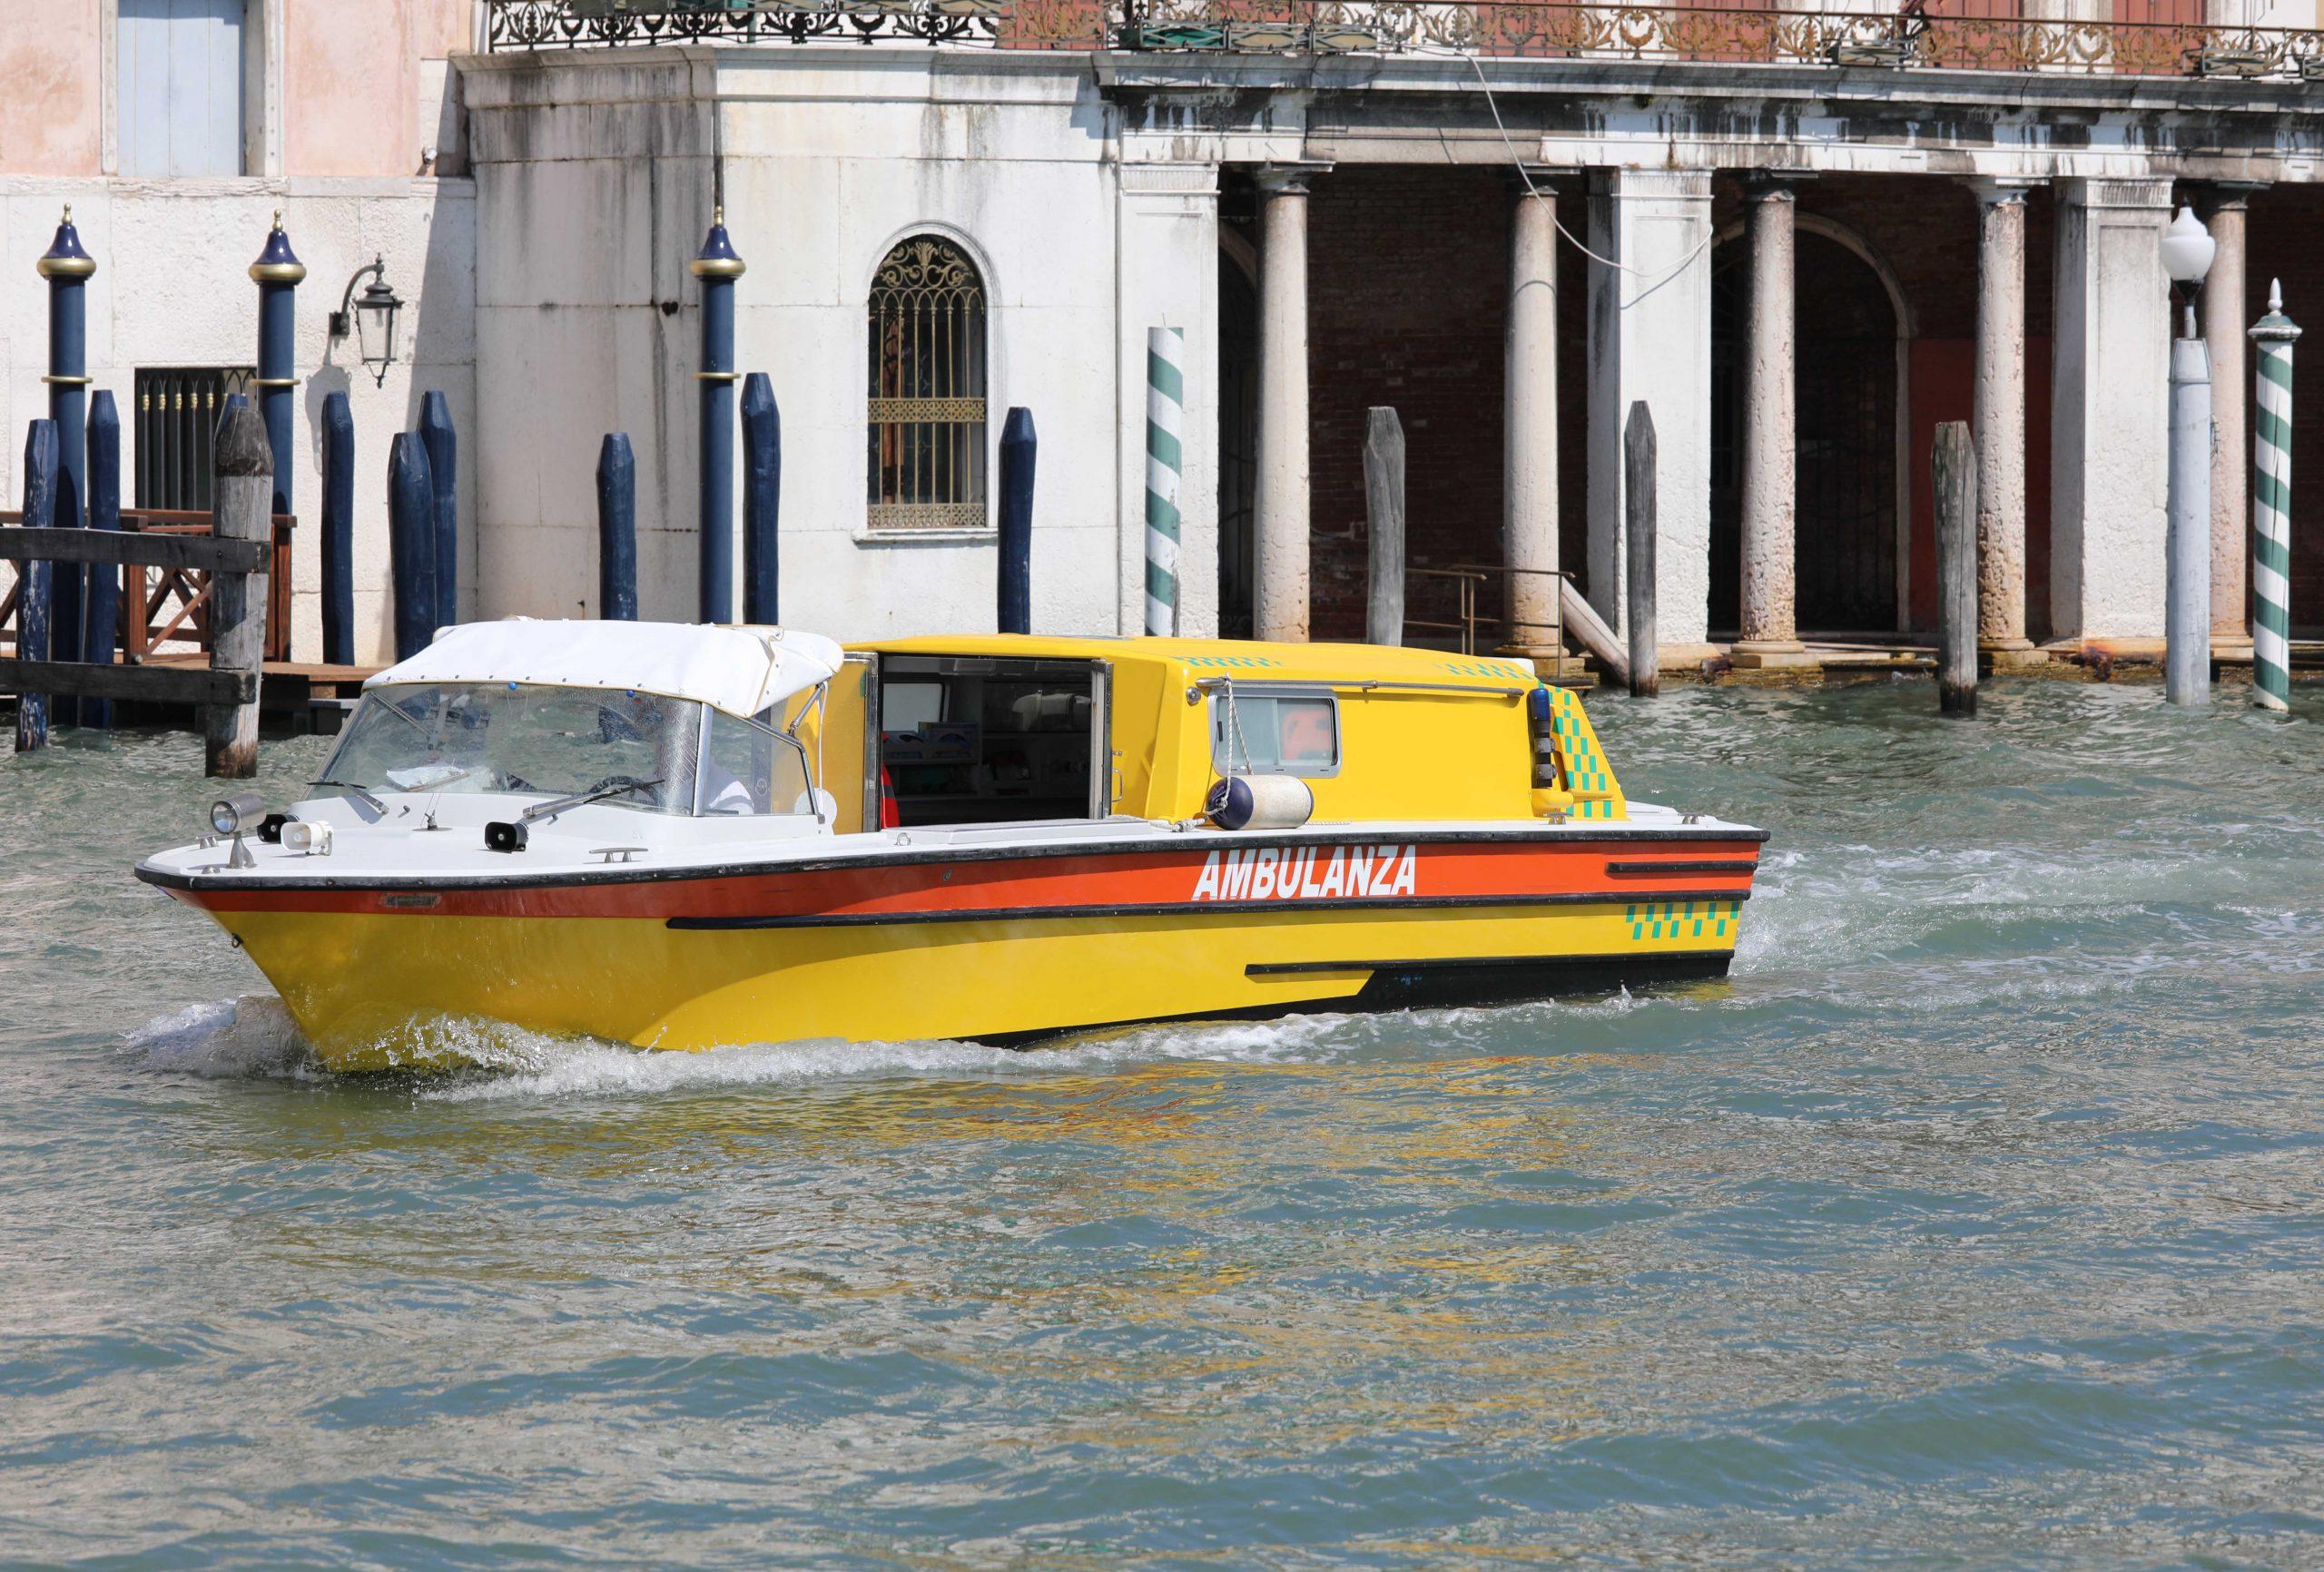 Ambulance USA Boat Ambulance scaled